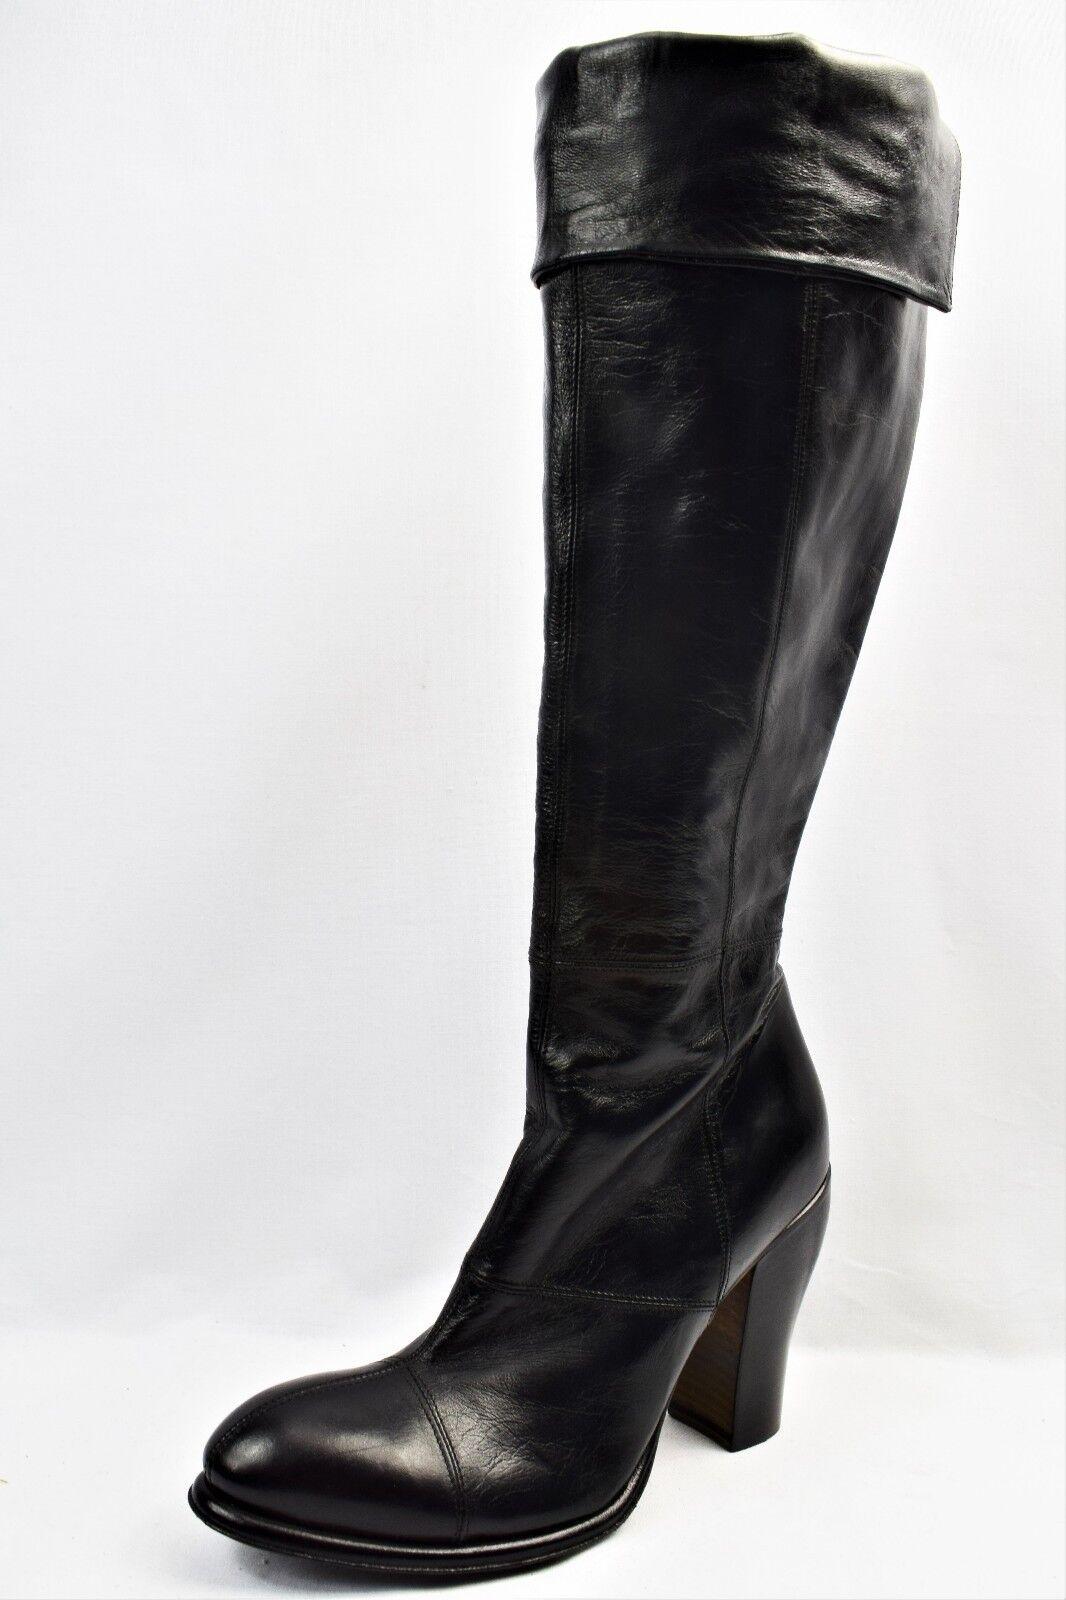 ROCCO P tutti Pelle con Tacco Stivali Taglia UK (AA7) Nuovo di Zecca 5.5 (AA7) UK 89fa39